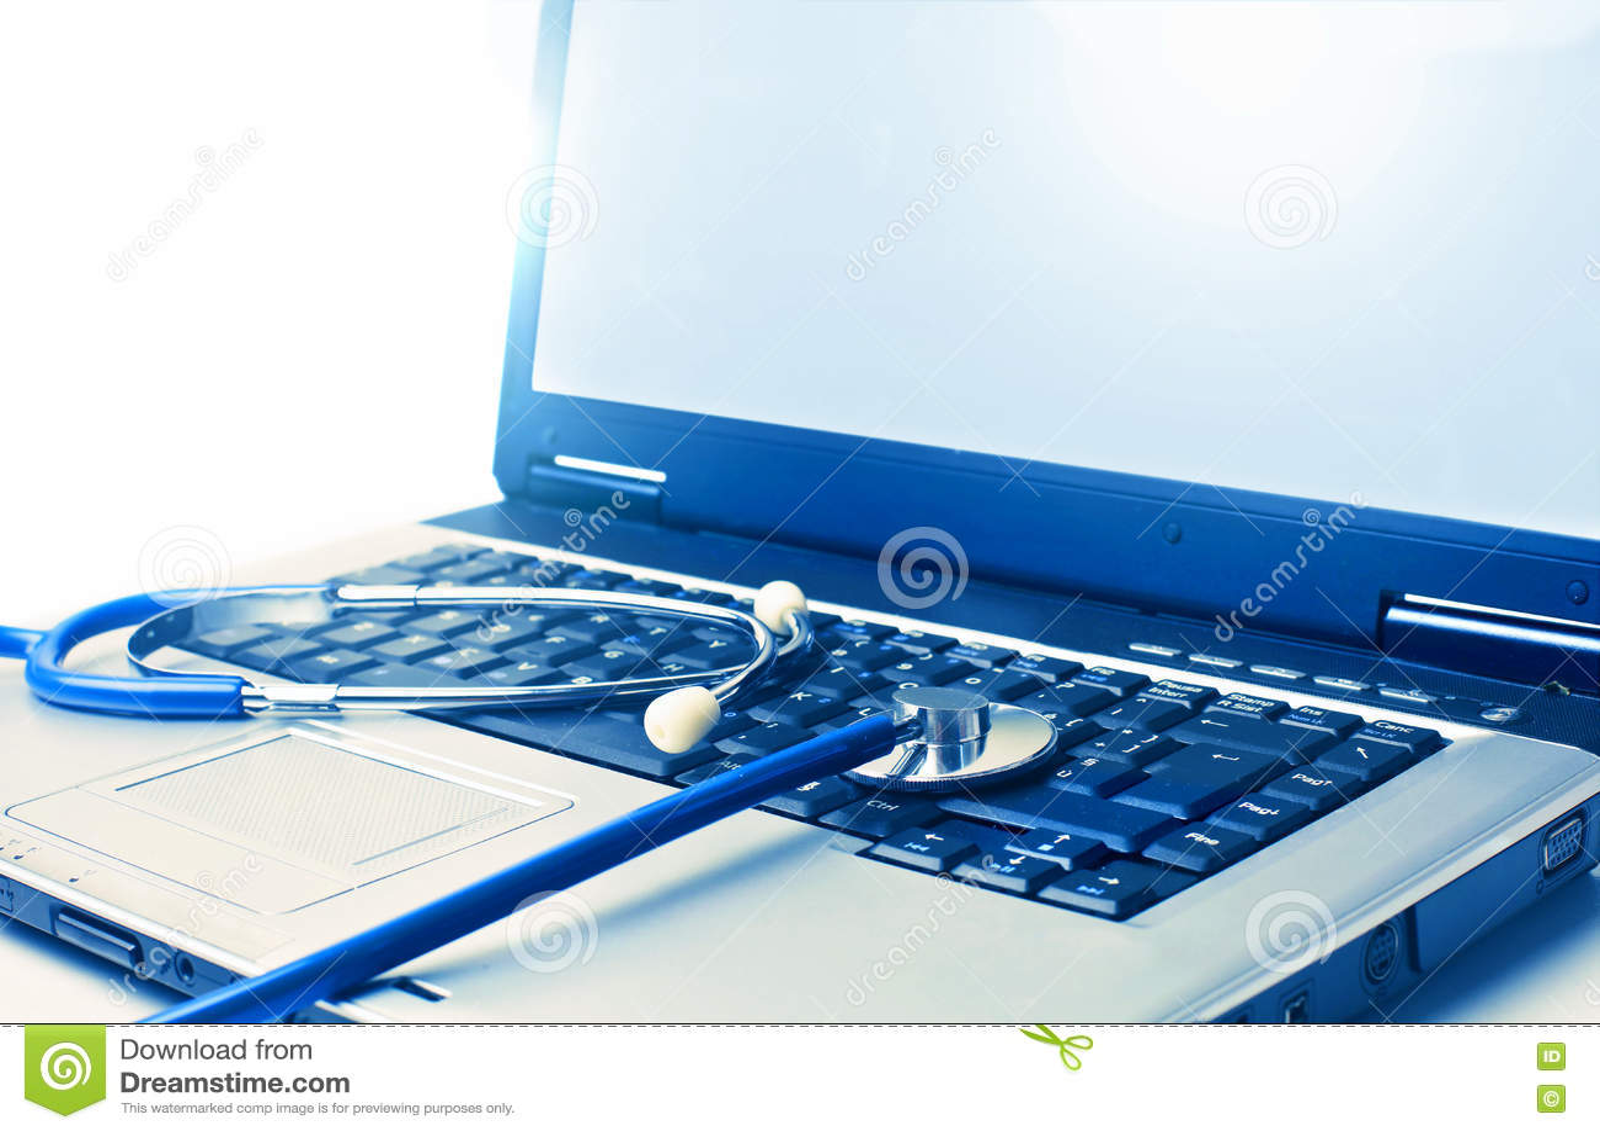 Heel laptop